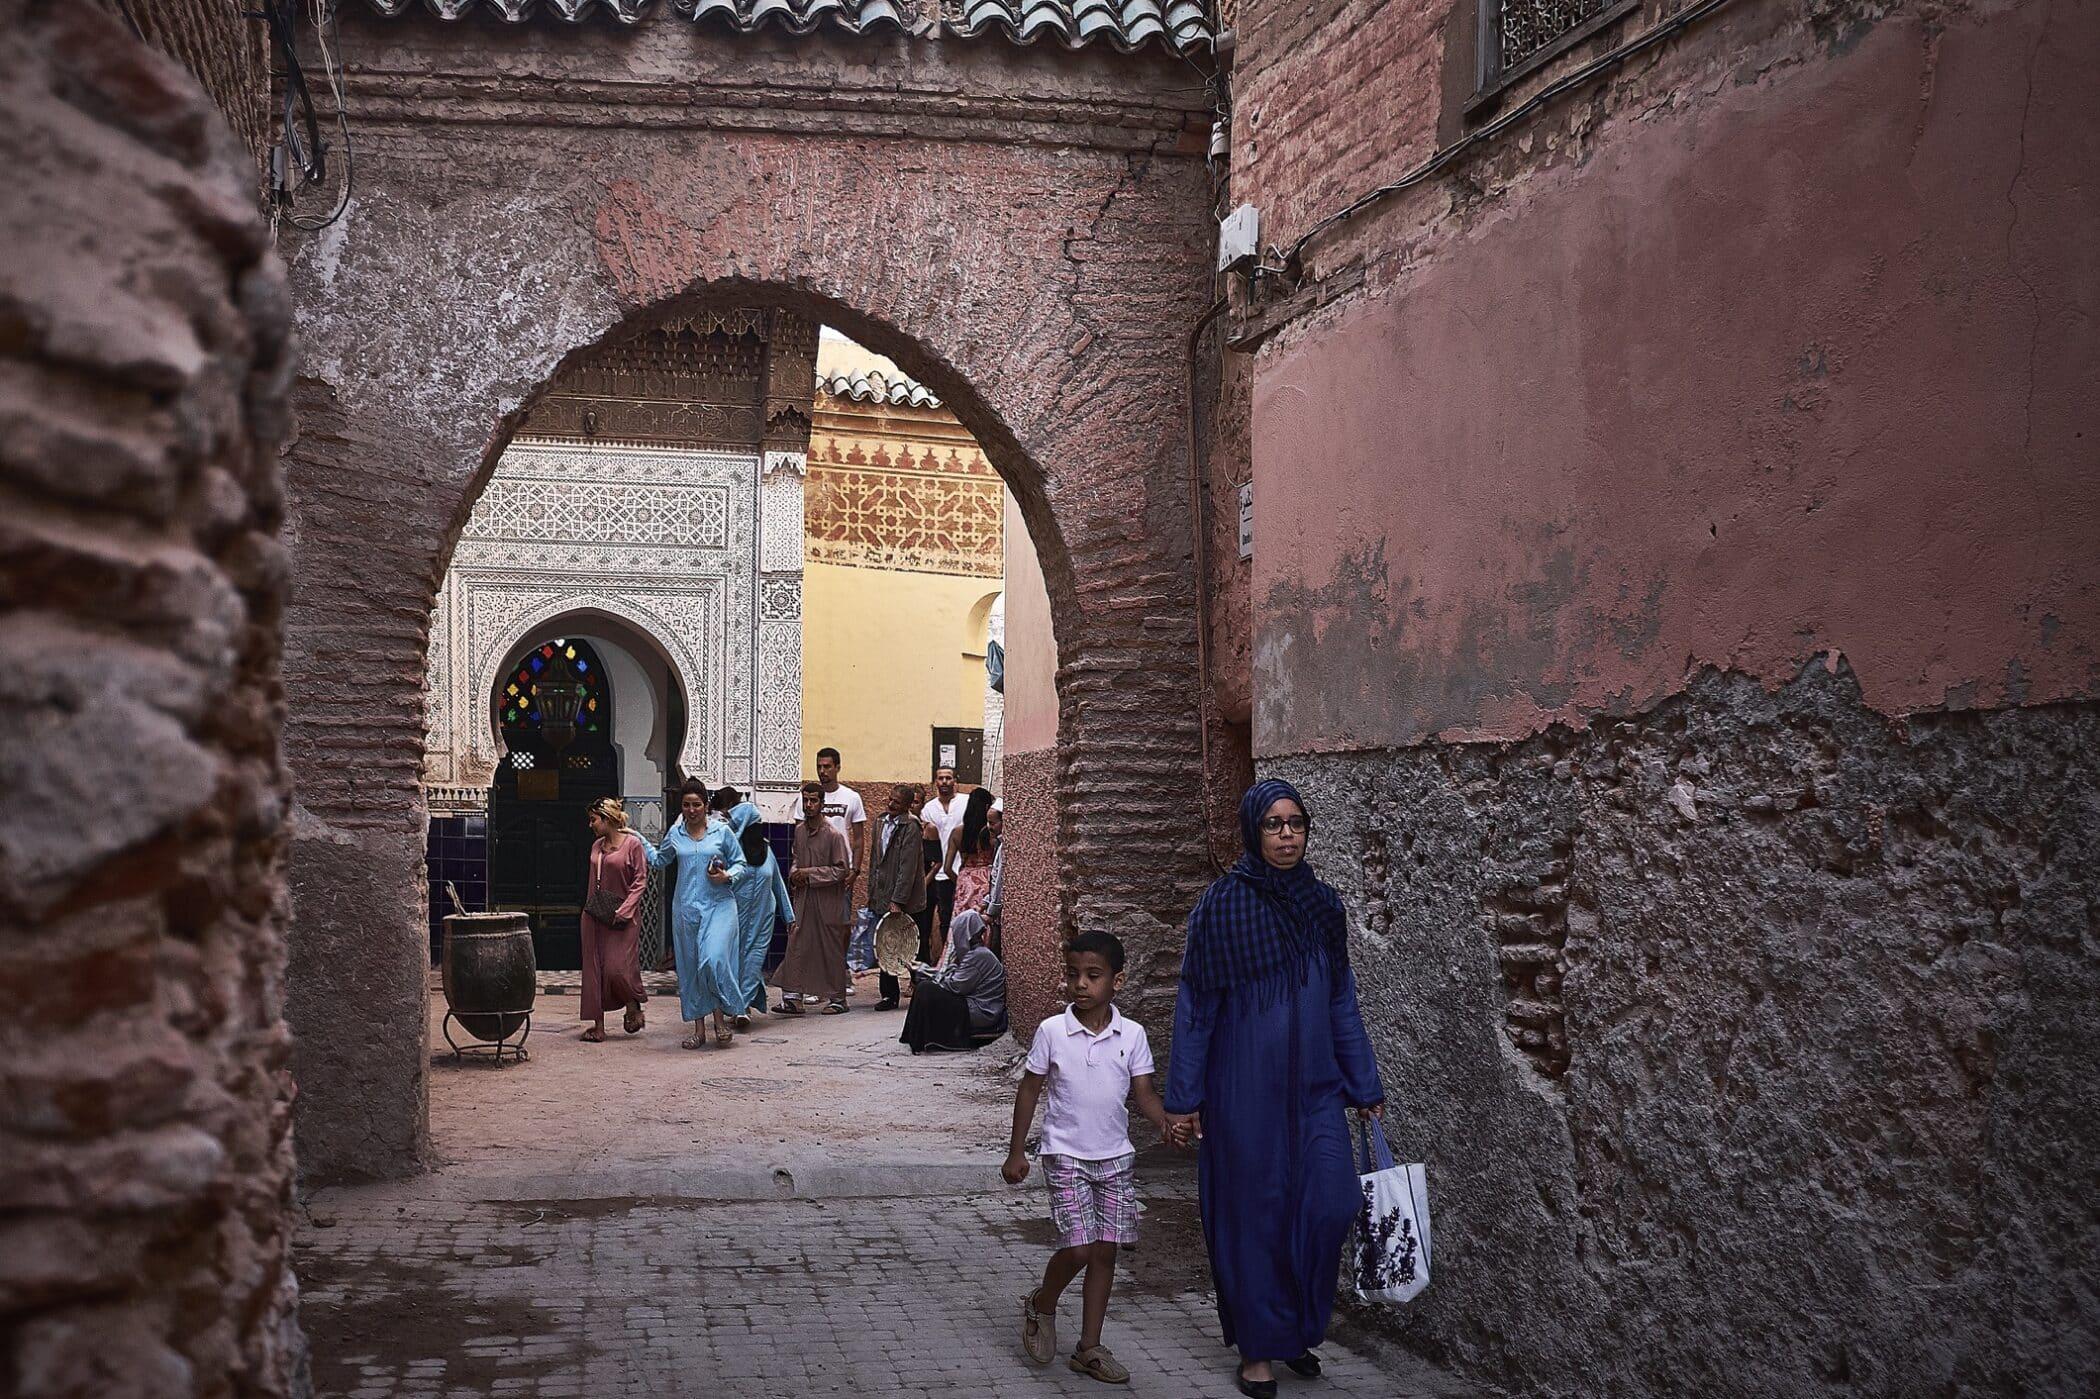 Wat te doen in Marrakech? 9 bijzondere tips!